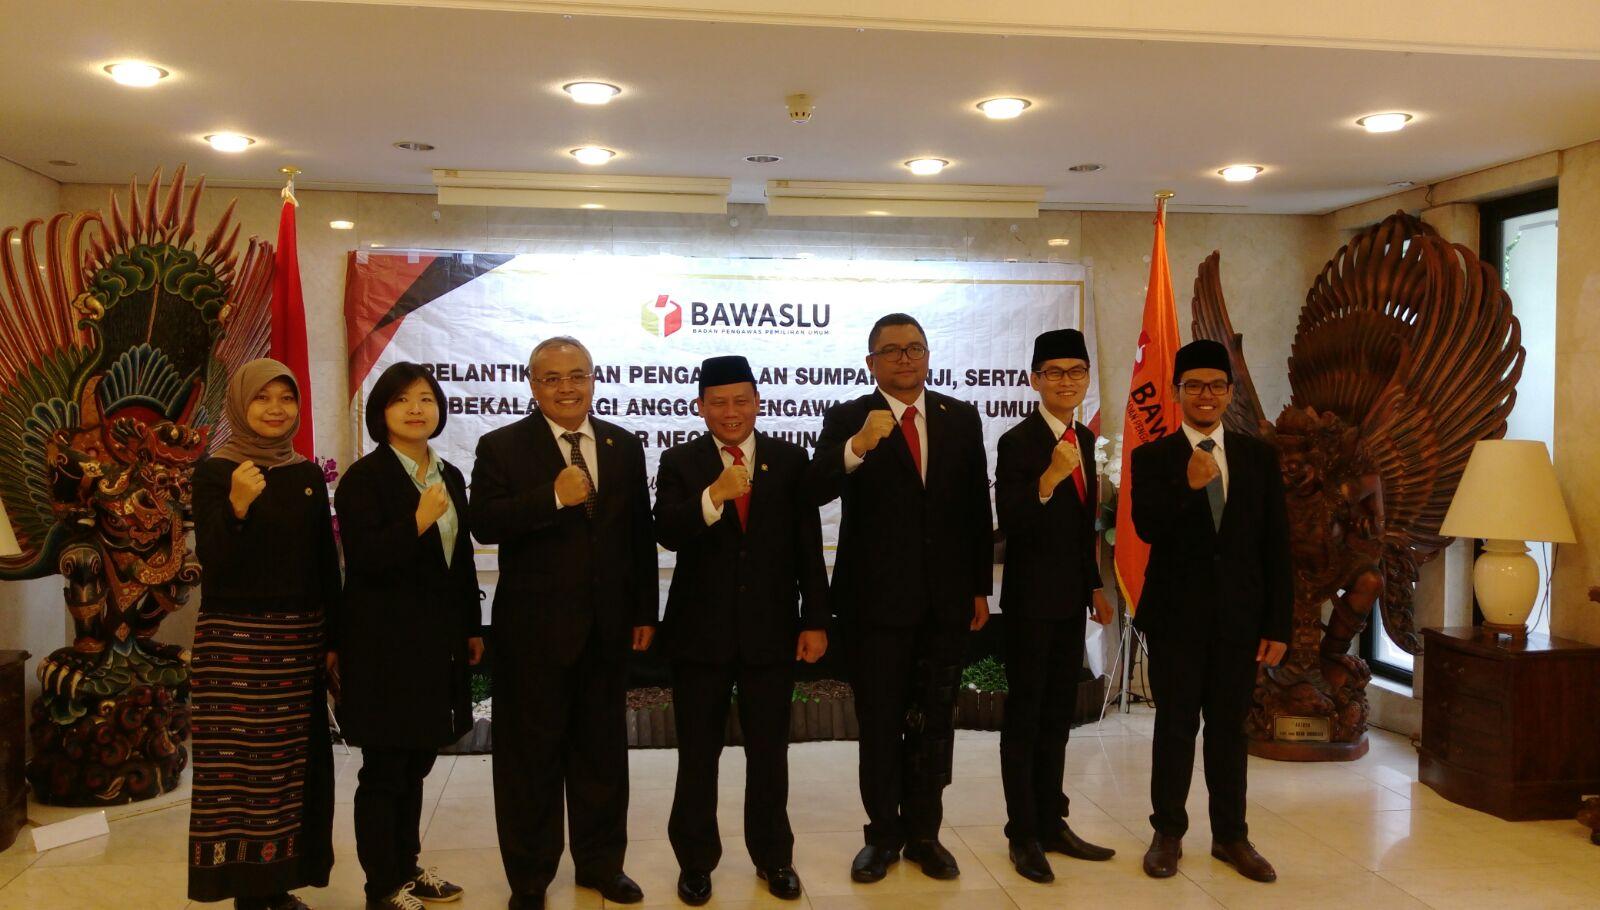 Empat orang perwakilan Panwaslu LN untuk wilayah Taiwan bersama para jajaran Bawaslu RI yang hadir di Tokyo, Jepang.